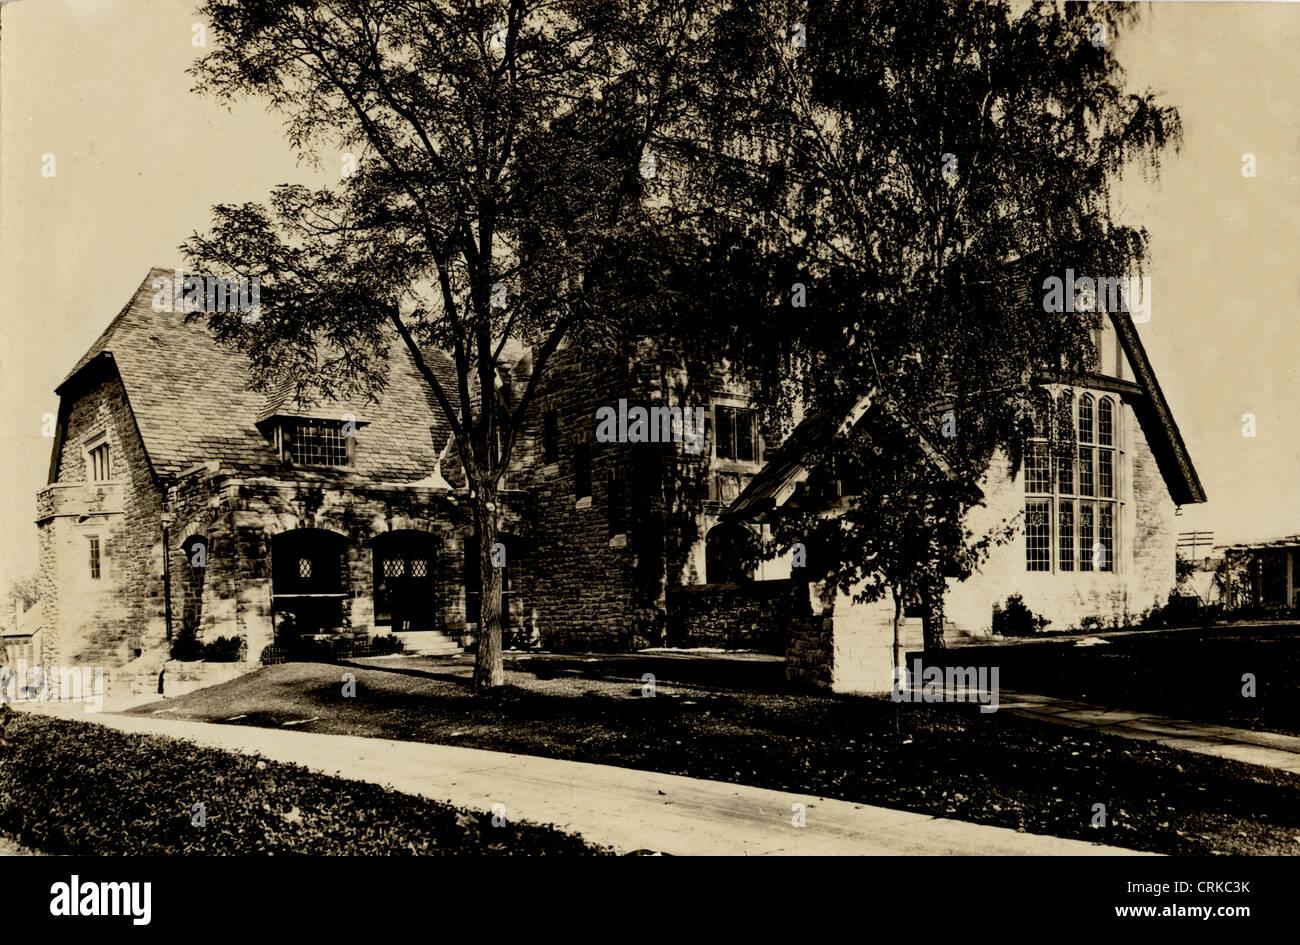 Cotswold Style English Tudor Mansion - Stock Image